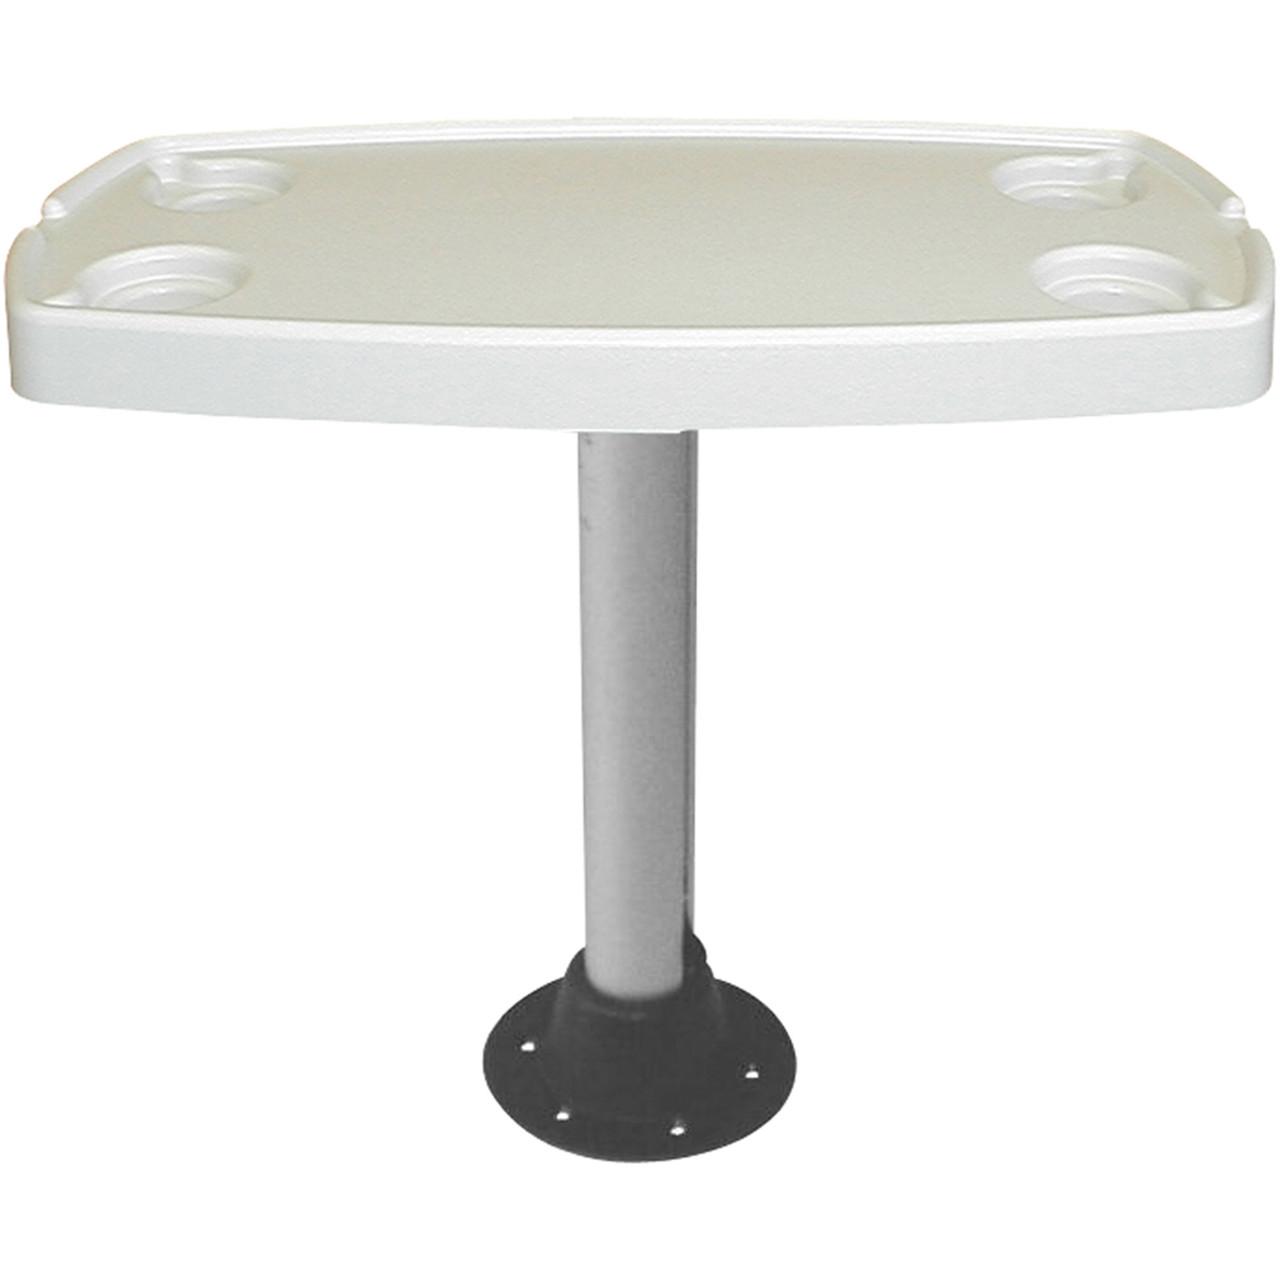 Комплект стола Springfield прямоугольный 40х70см основание пластик